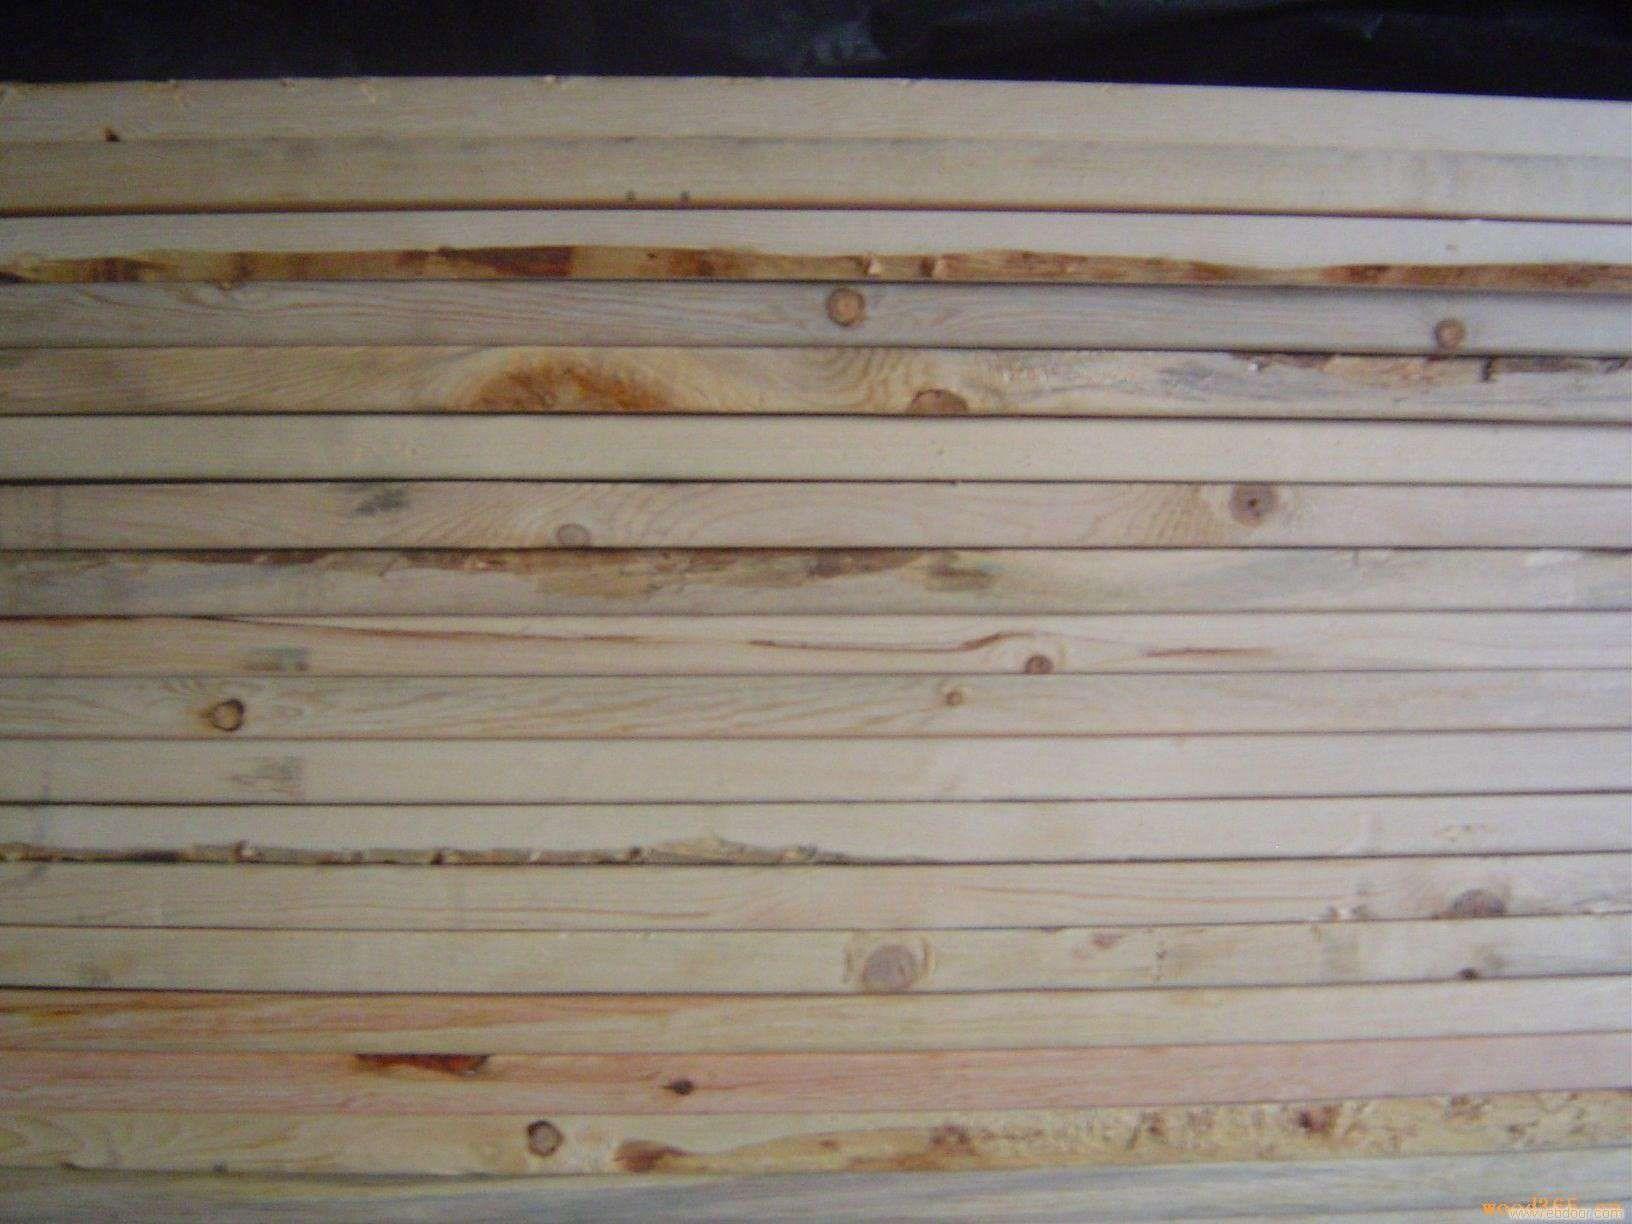 5*5杉木木方床子横梁杉木条长度可裁切实木床板横杆床梁支撑2米